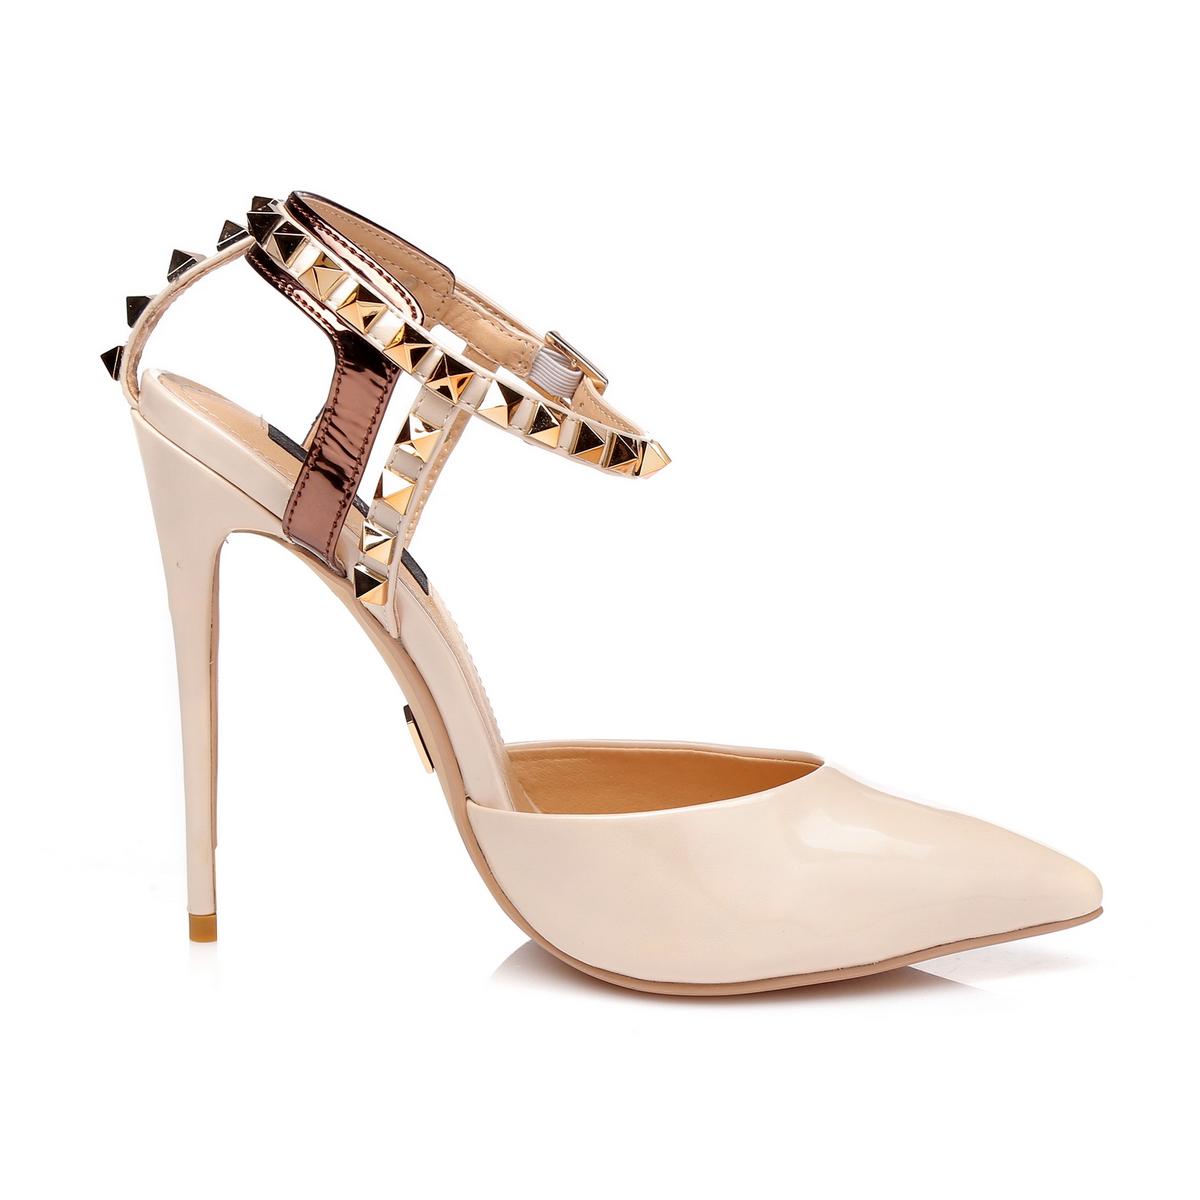 GIARO - Damen High Heel - Beige Schuhe in Übergrößen – Bild 4